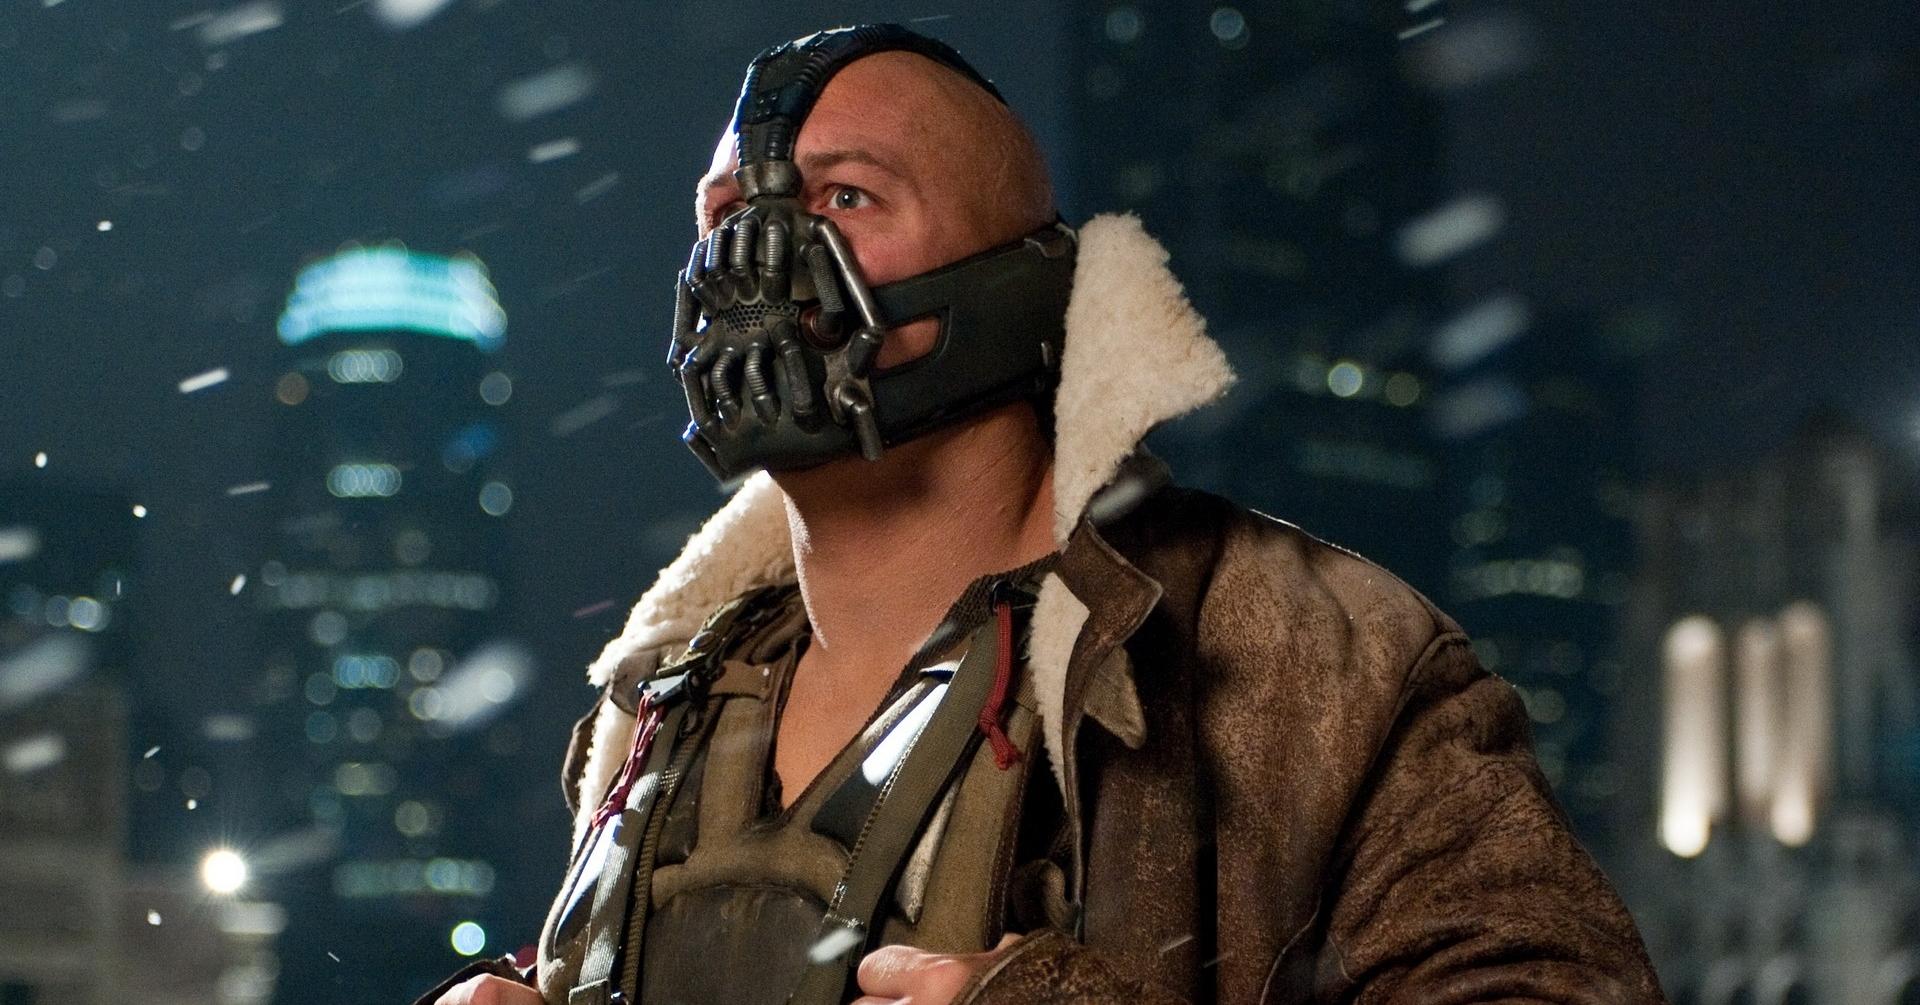 Vendas da máscara do vilão Bane aumentam durante a pandemia